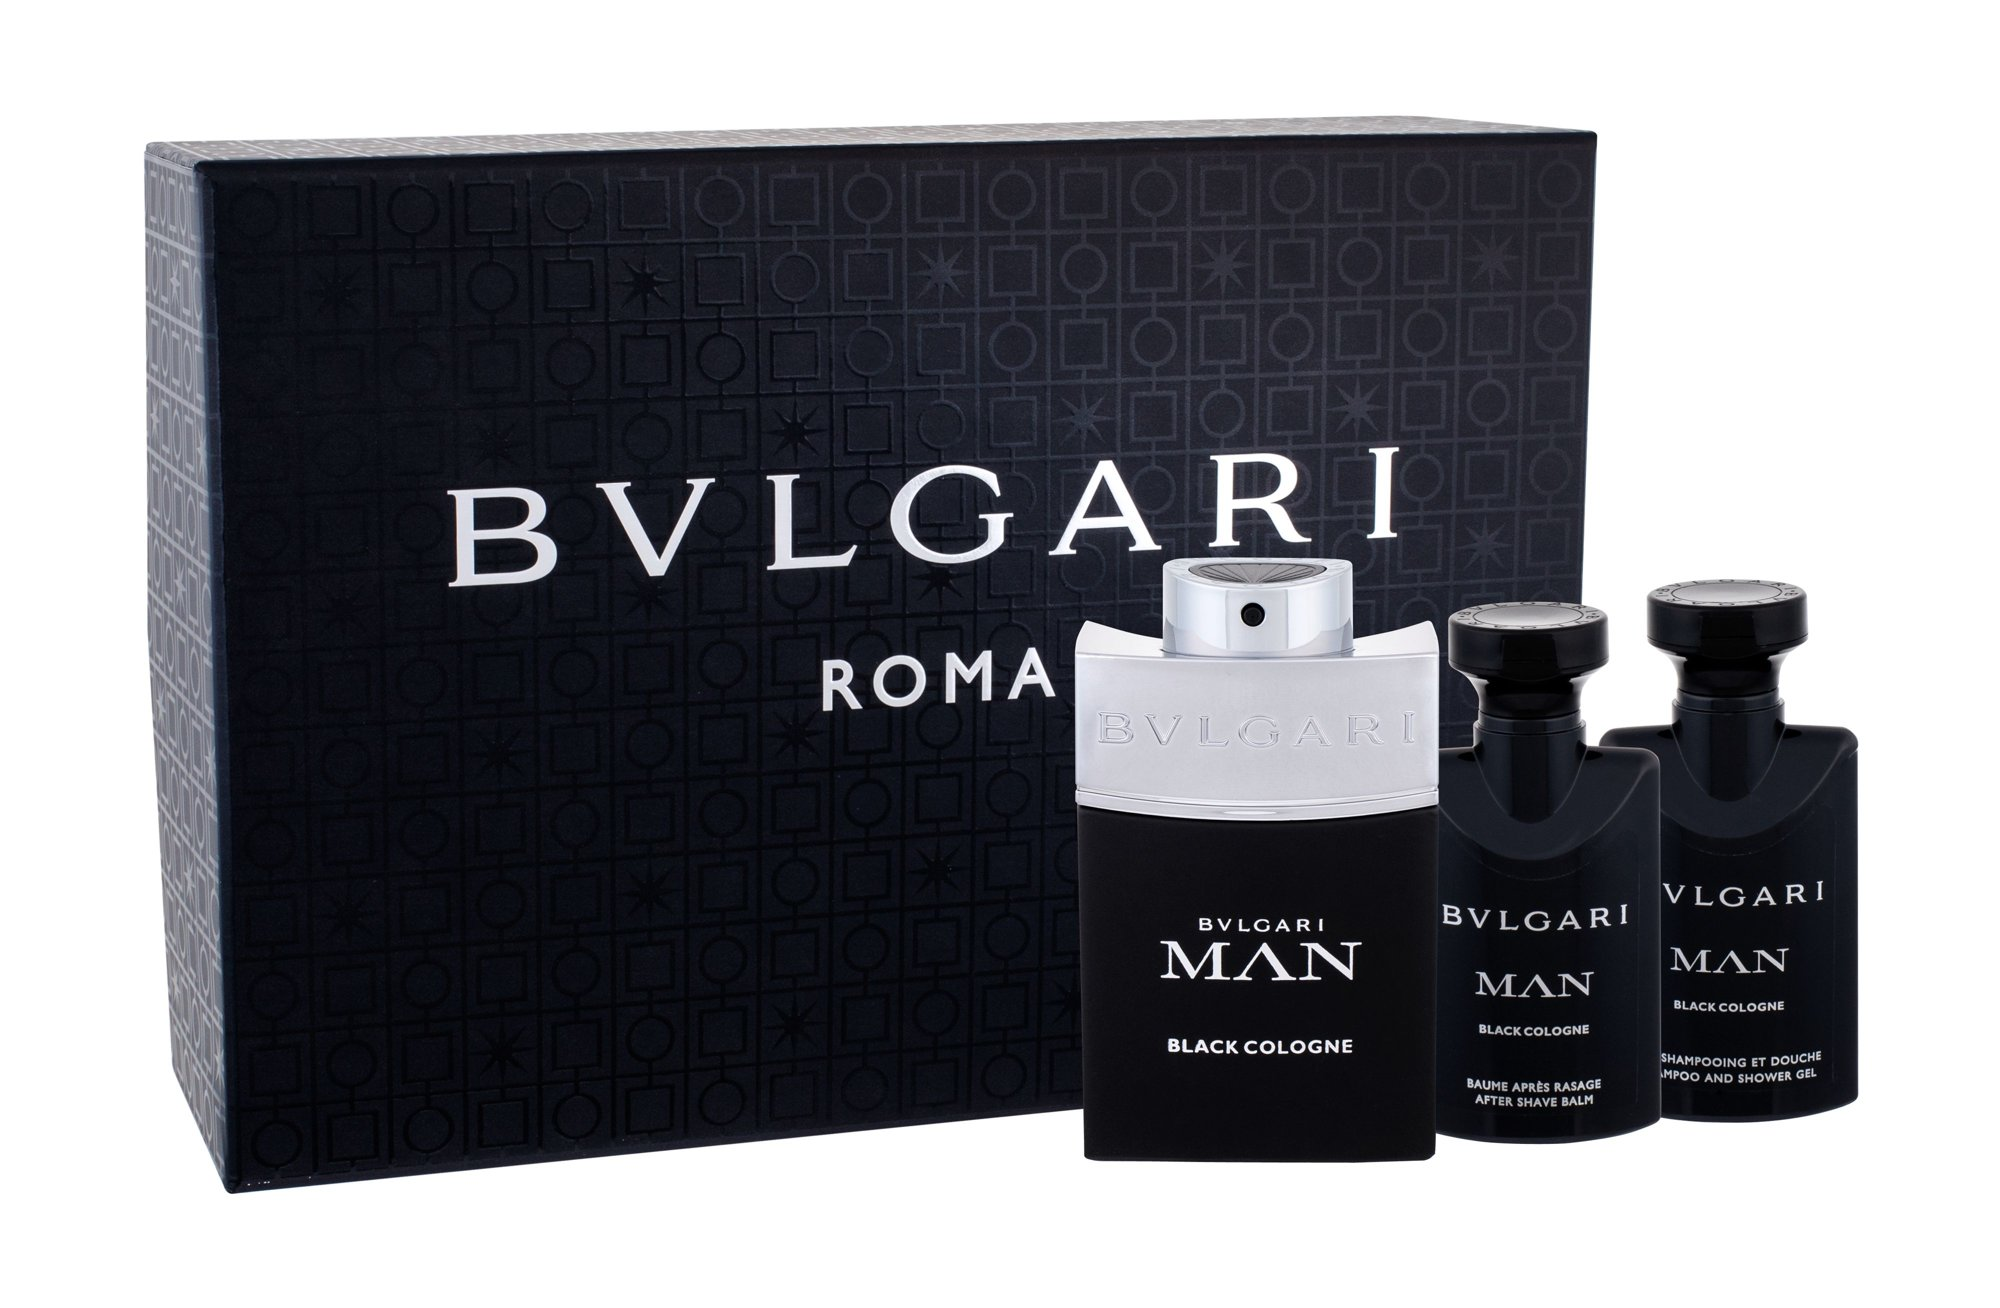 Bvlgari Man Black Cologne, toaletná voda 60 ml + balzam po holení 40 ml + sprchovací gél 40 ml